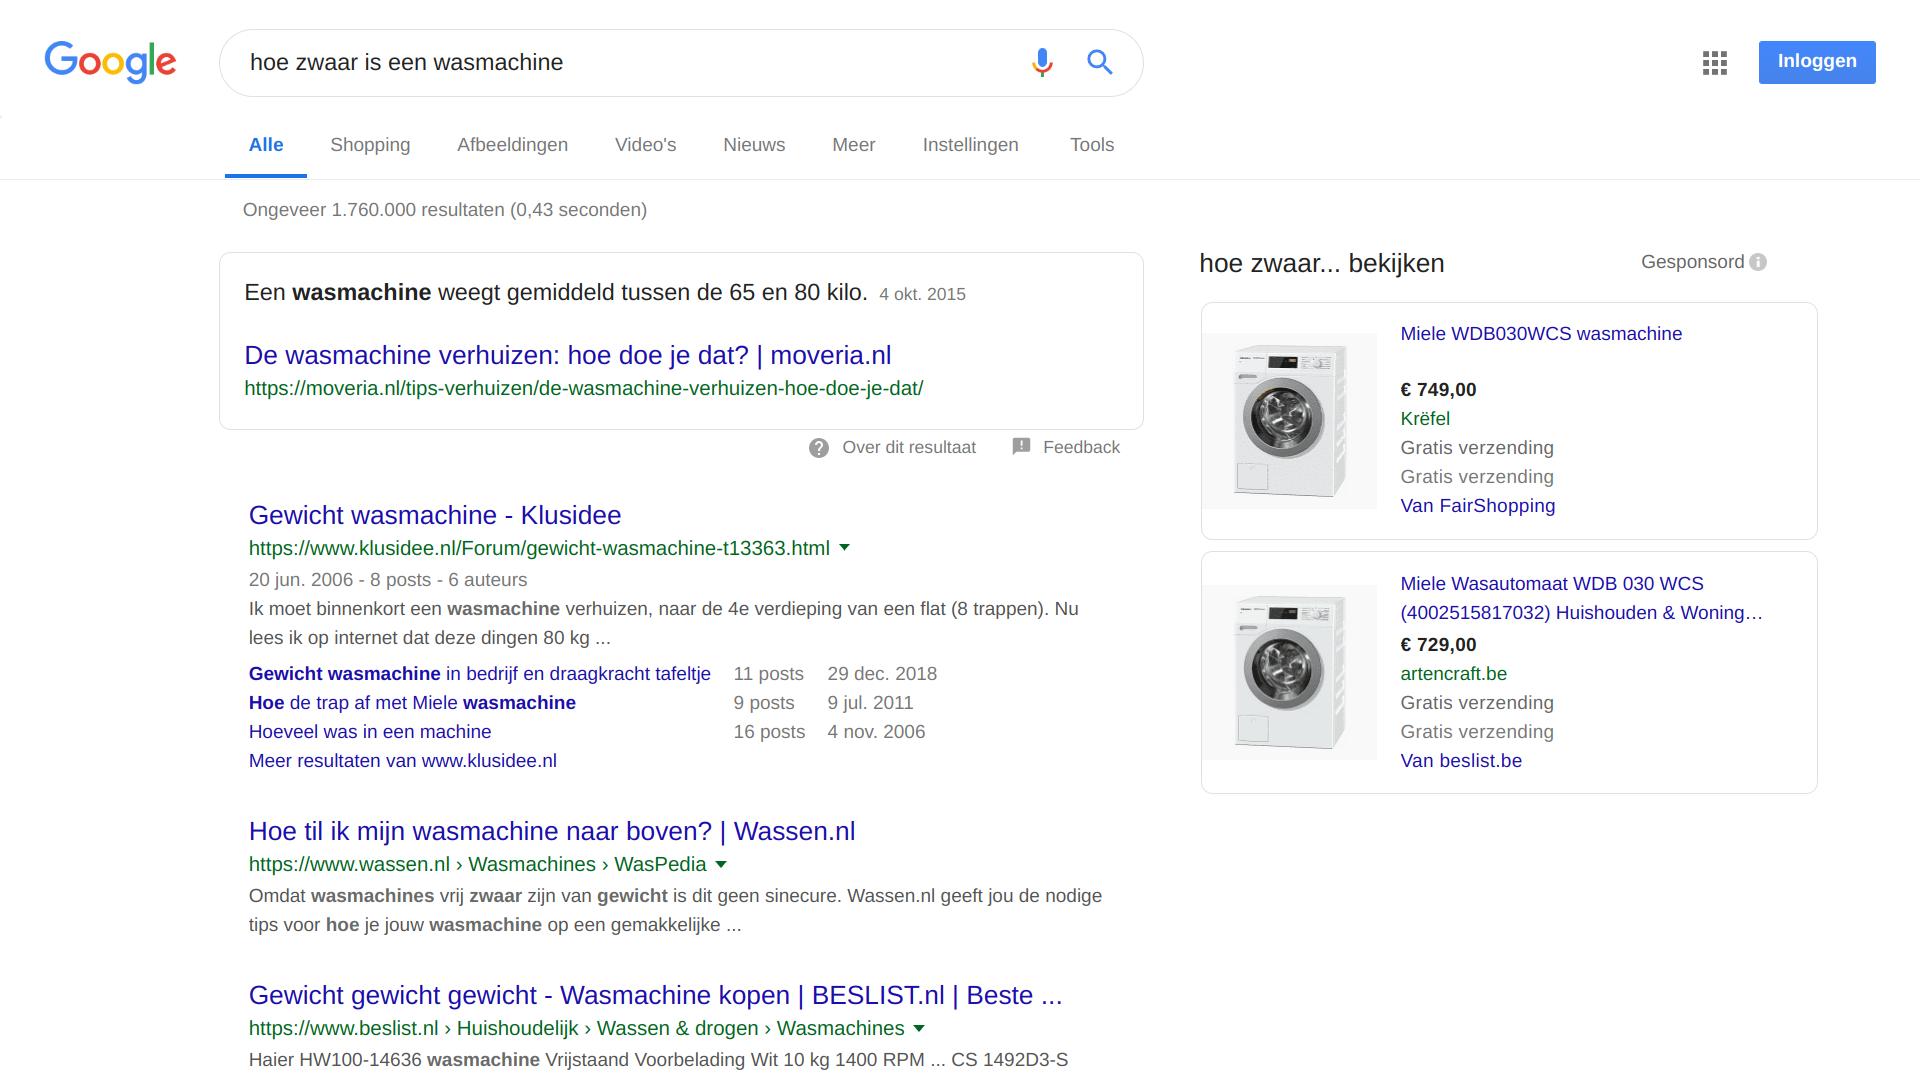 zoekmachines geven antwoorden